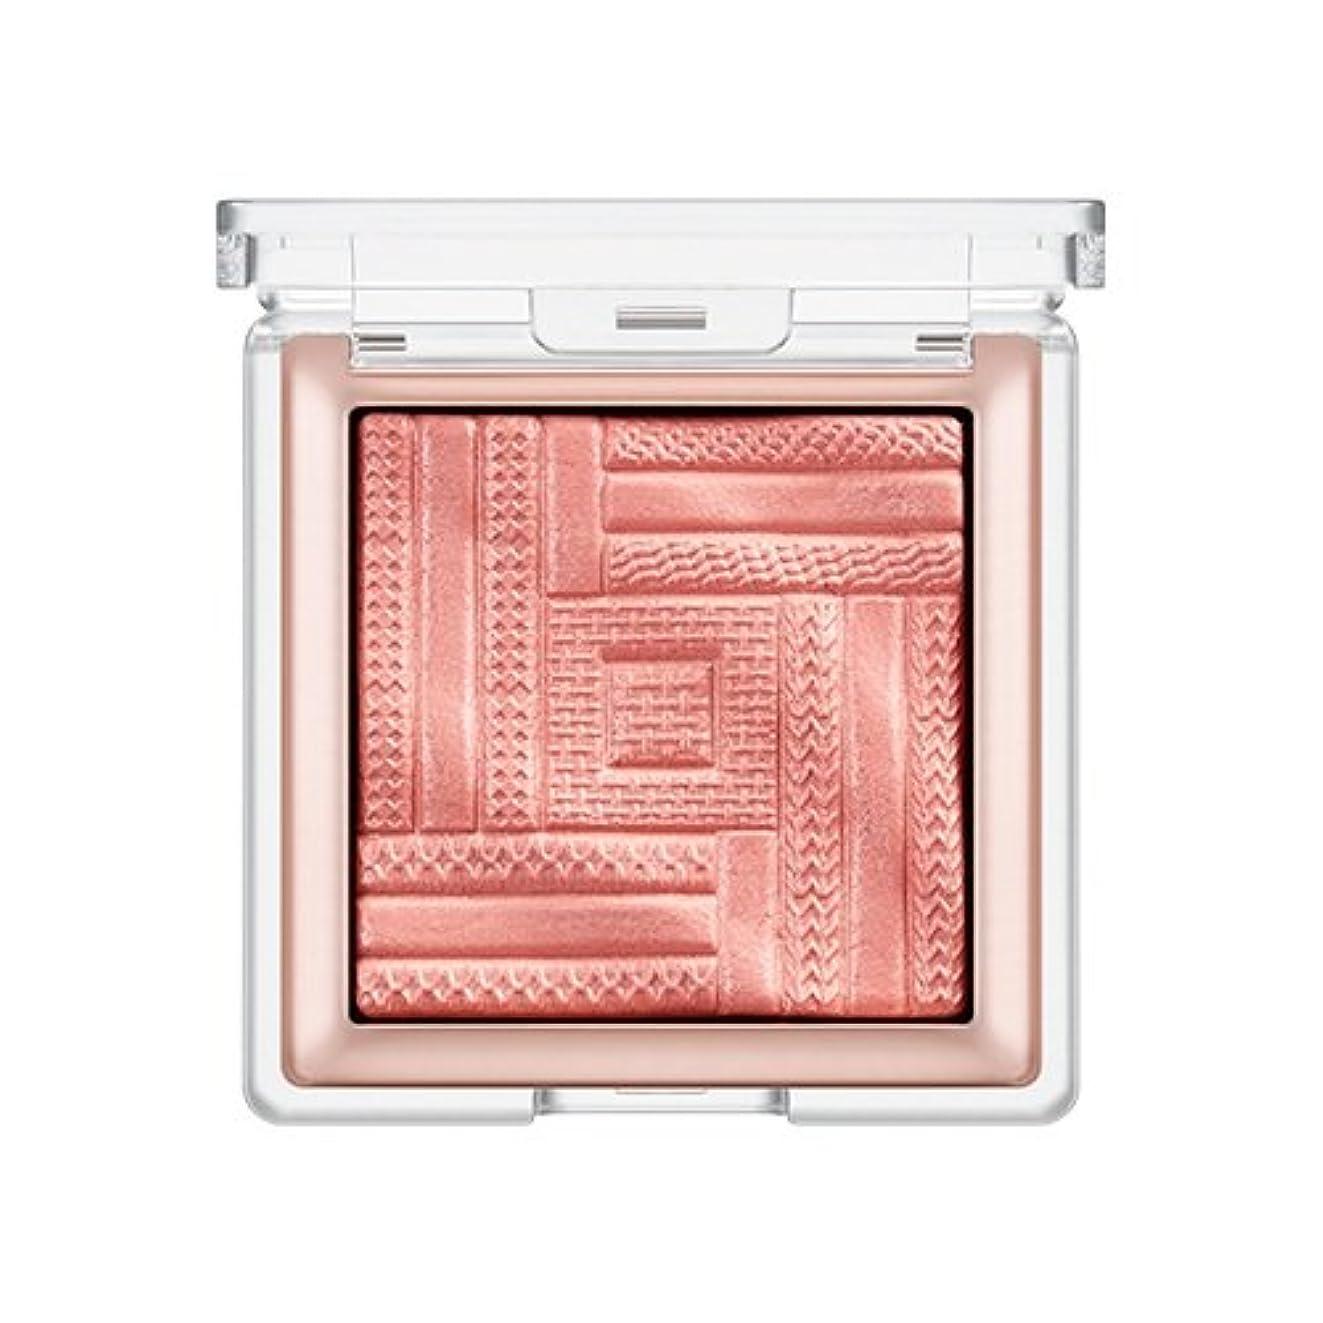 批評スチール復活させるMISSHA Satin Ital Prism Blusher (# Pink Village) / ミシャ サテンイタルプリズム チーク ブラッシャー [並行輸入品]